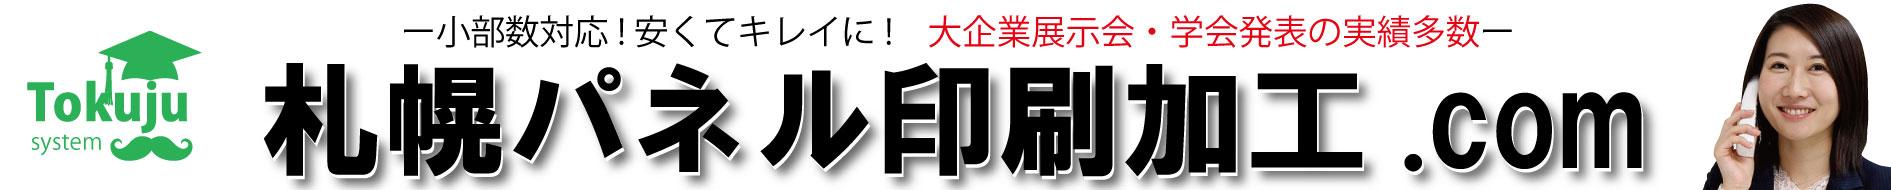 札幌パネル印刷加工.com